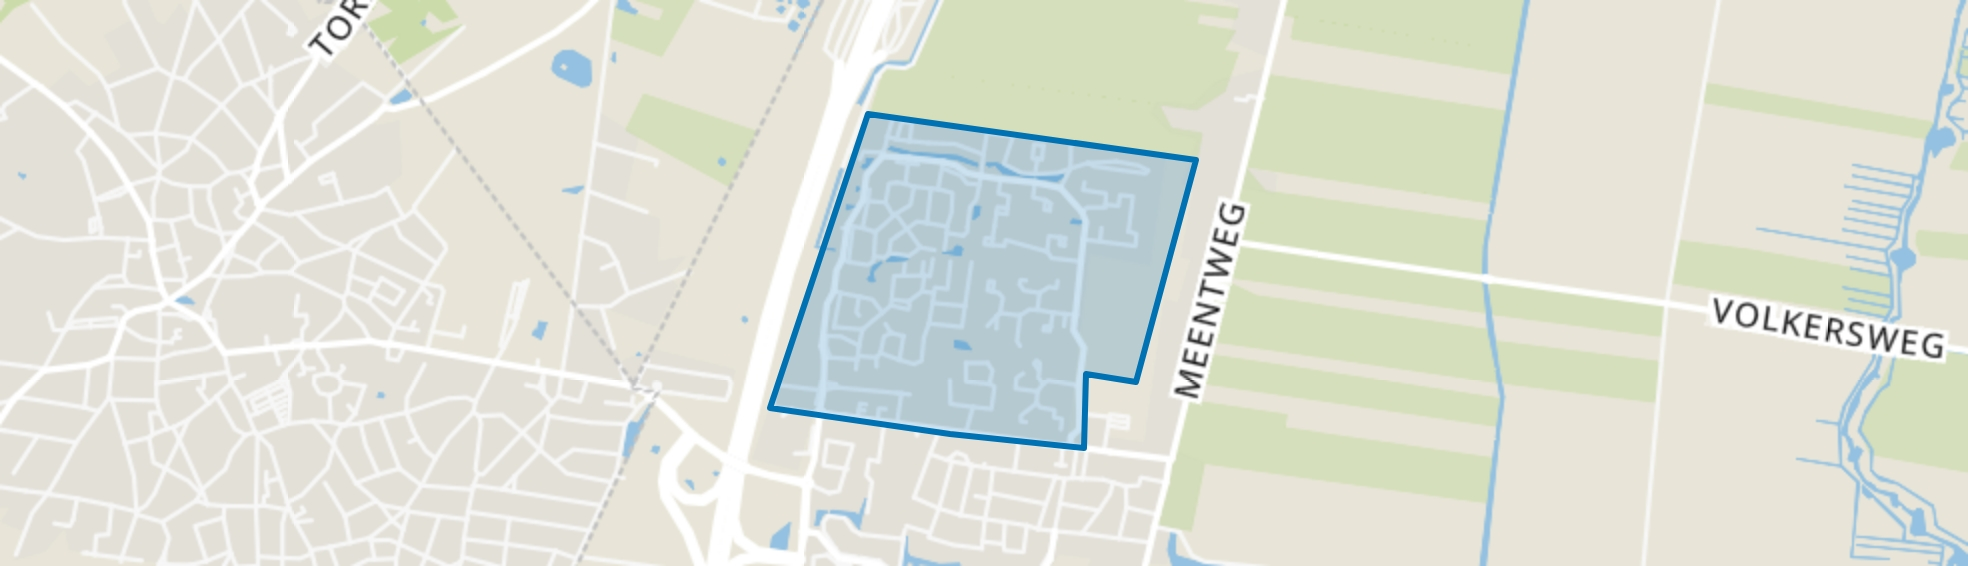 Noordbuurt, Eemnes map